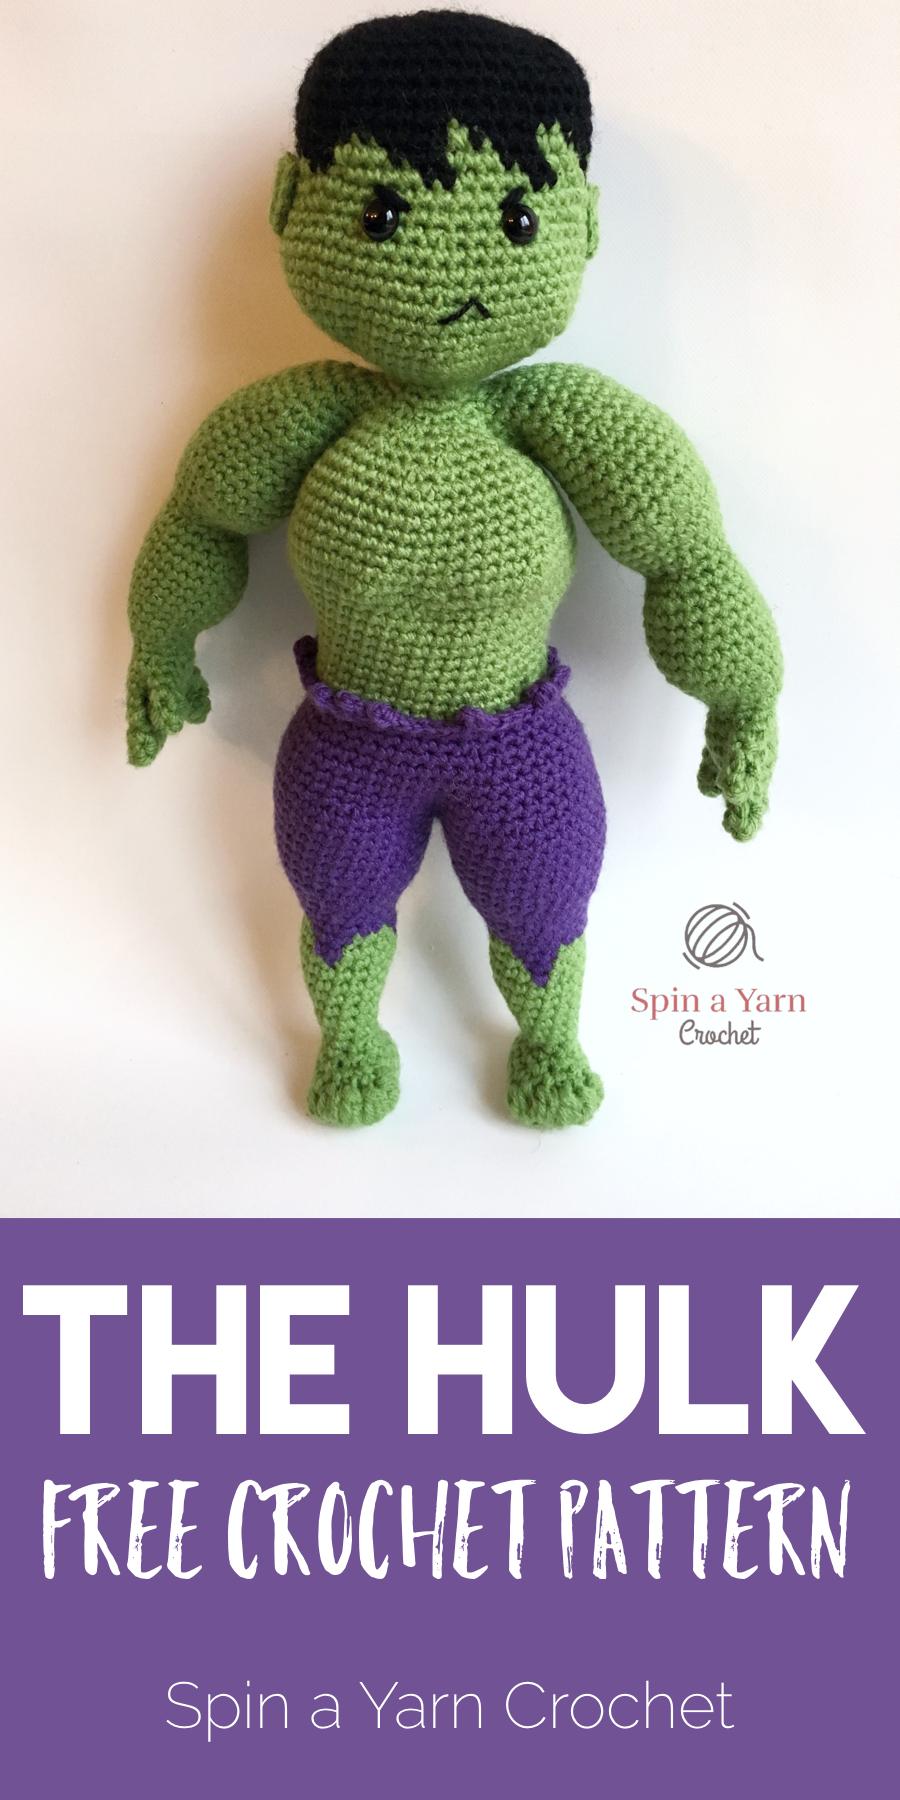 The Hulk - Spin a Yarn Crochet